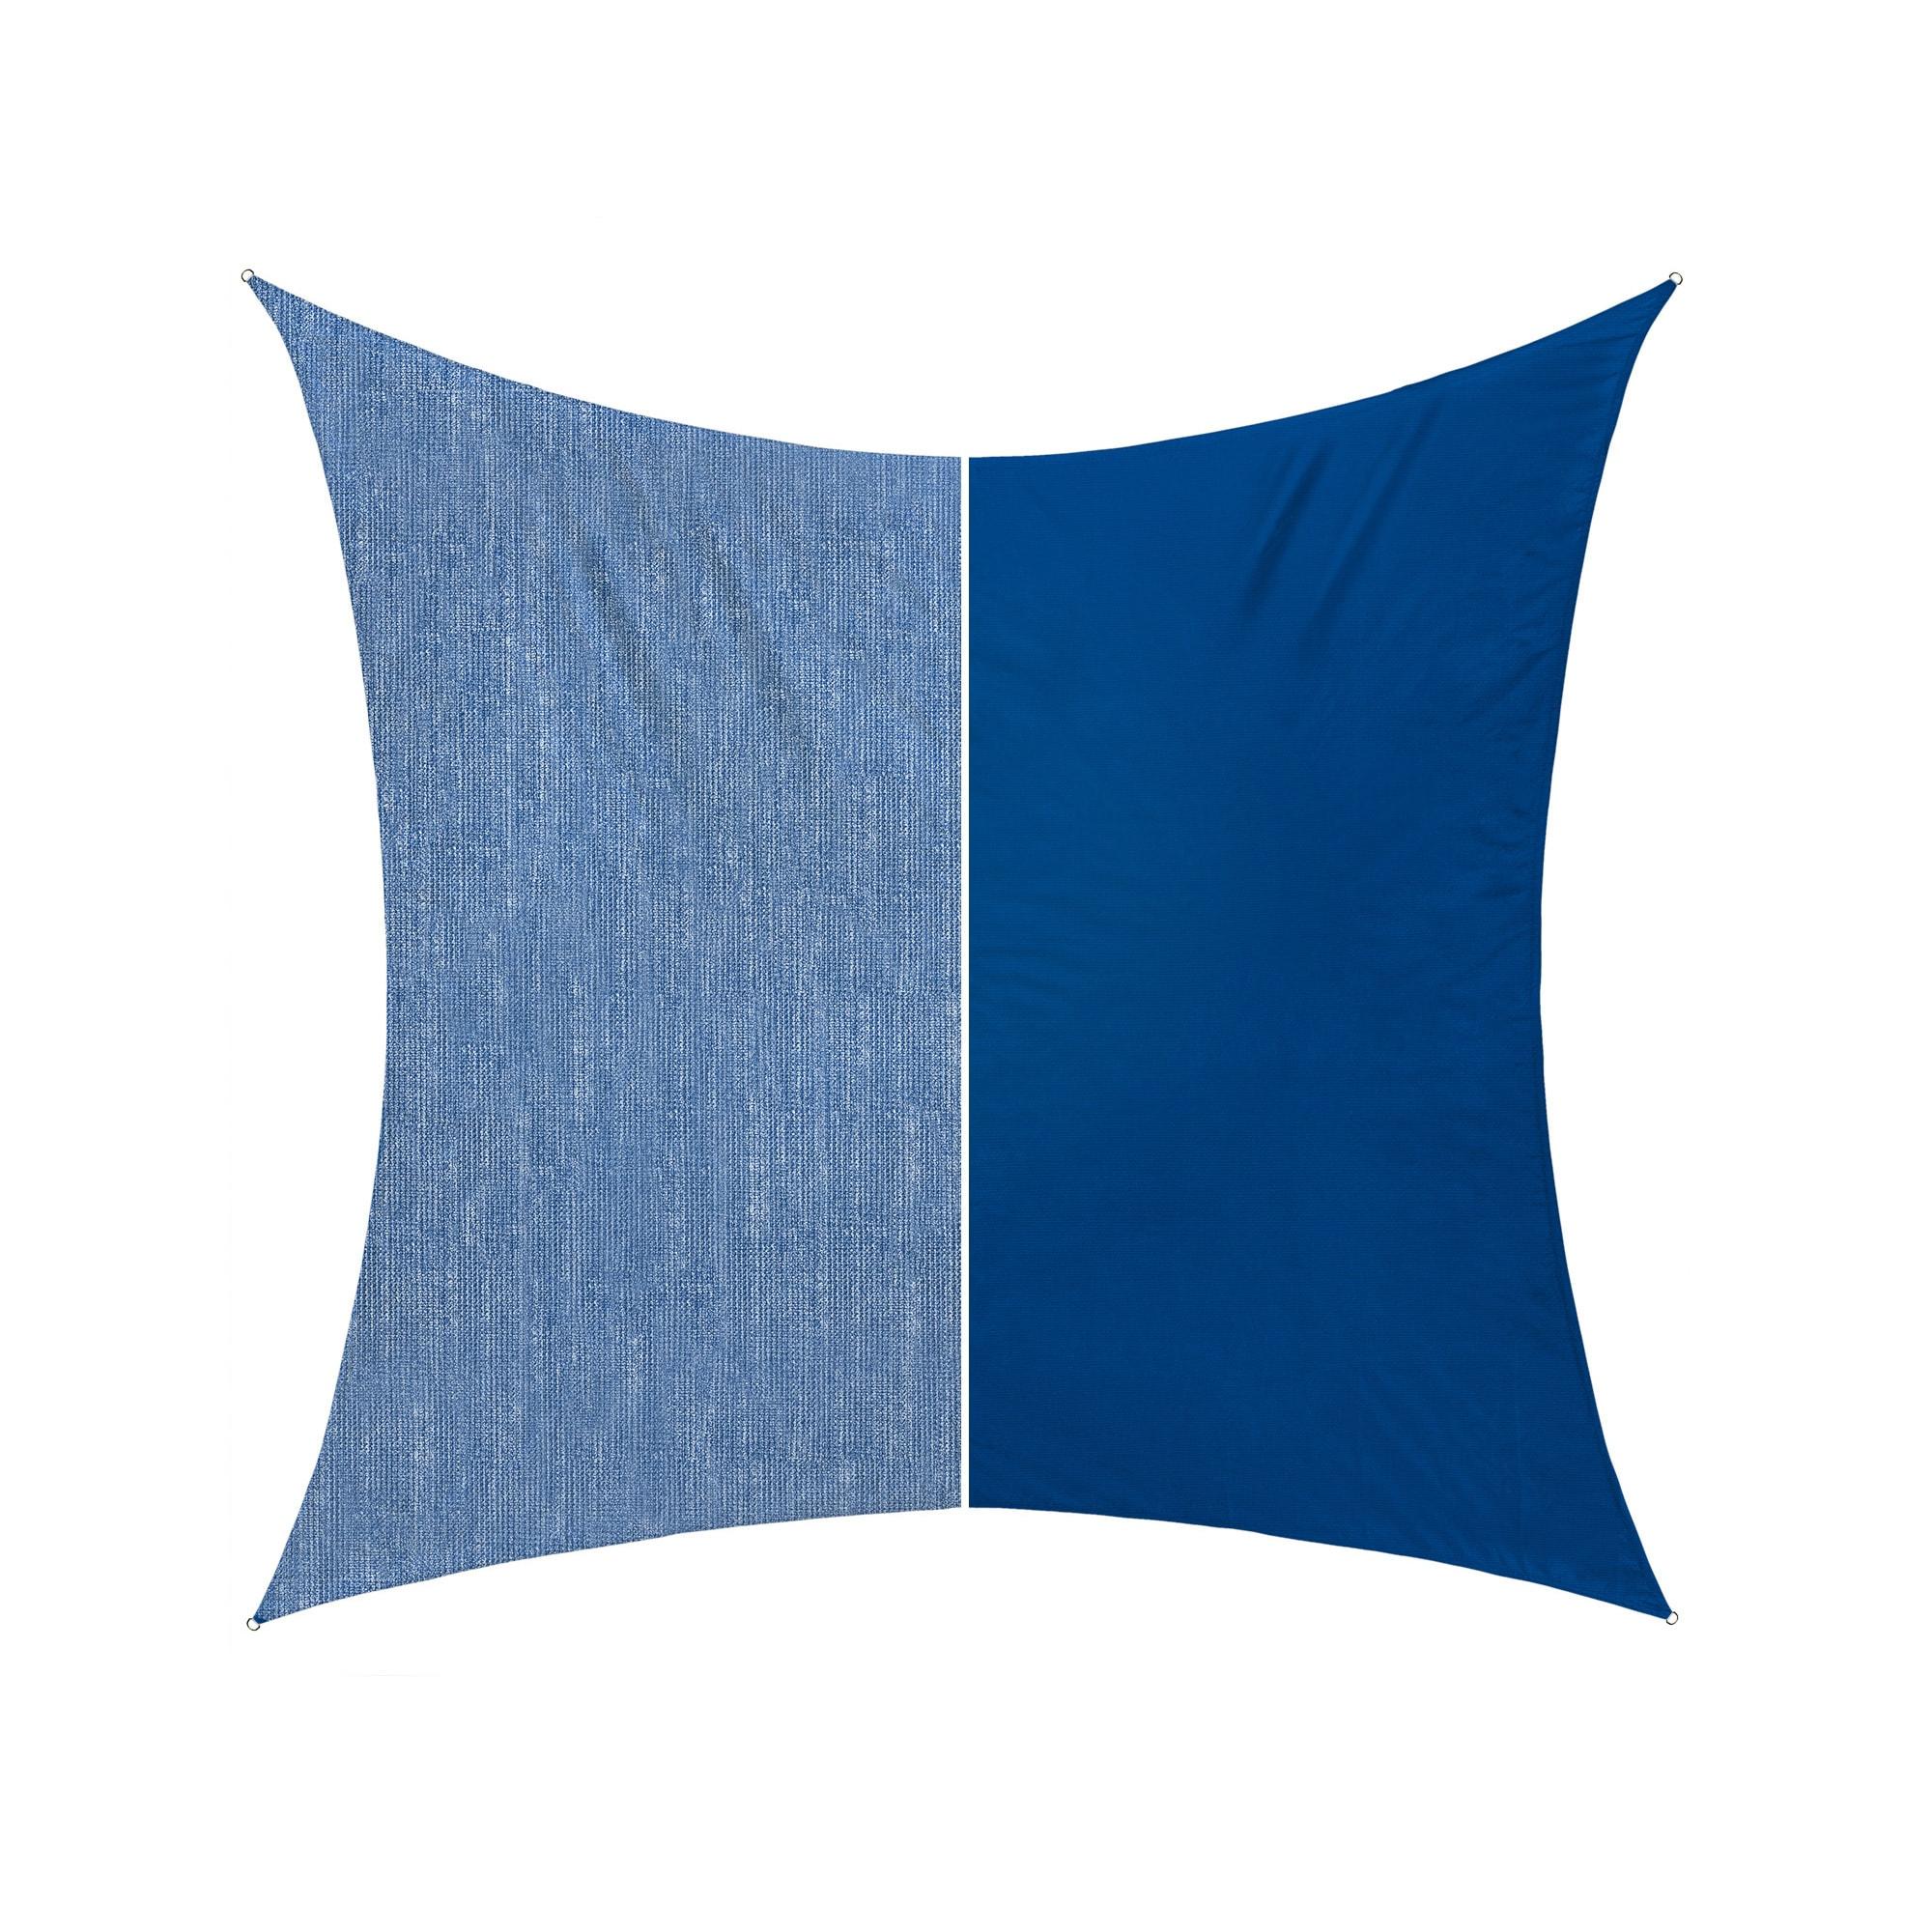 sonnensegel orange 360 x 360cm windschutz viereck f r garten balkon terrasse ebay. Black Bedroom Furniture Sets. Home Design Ideas